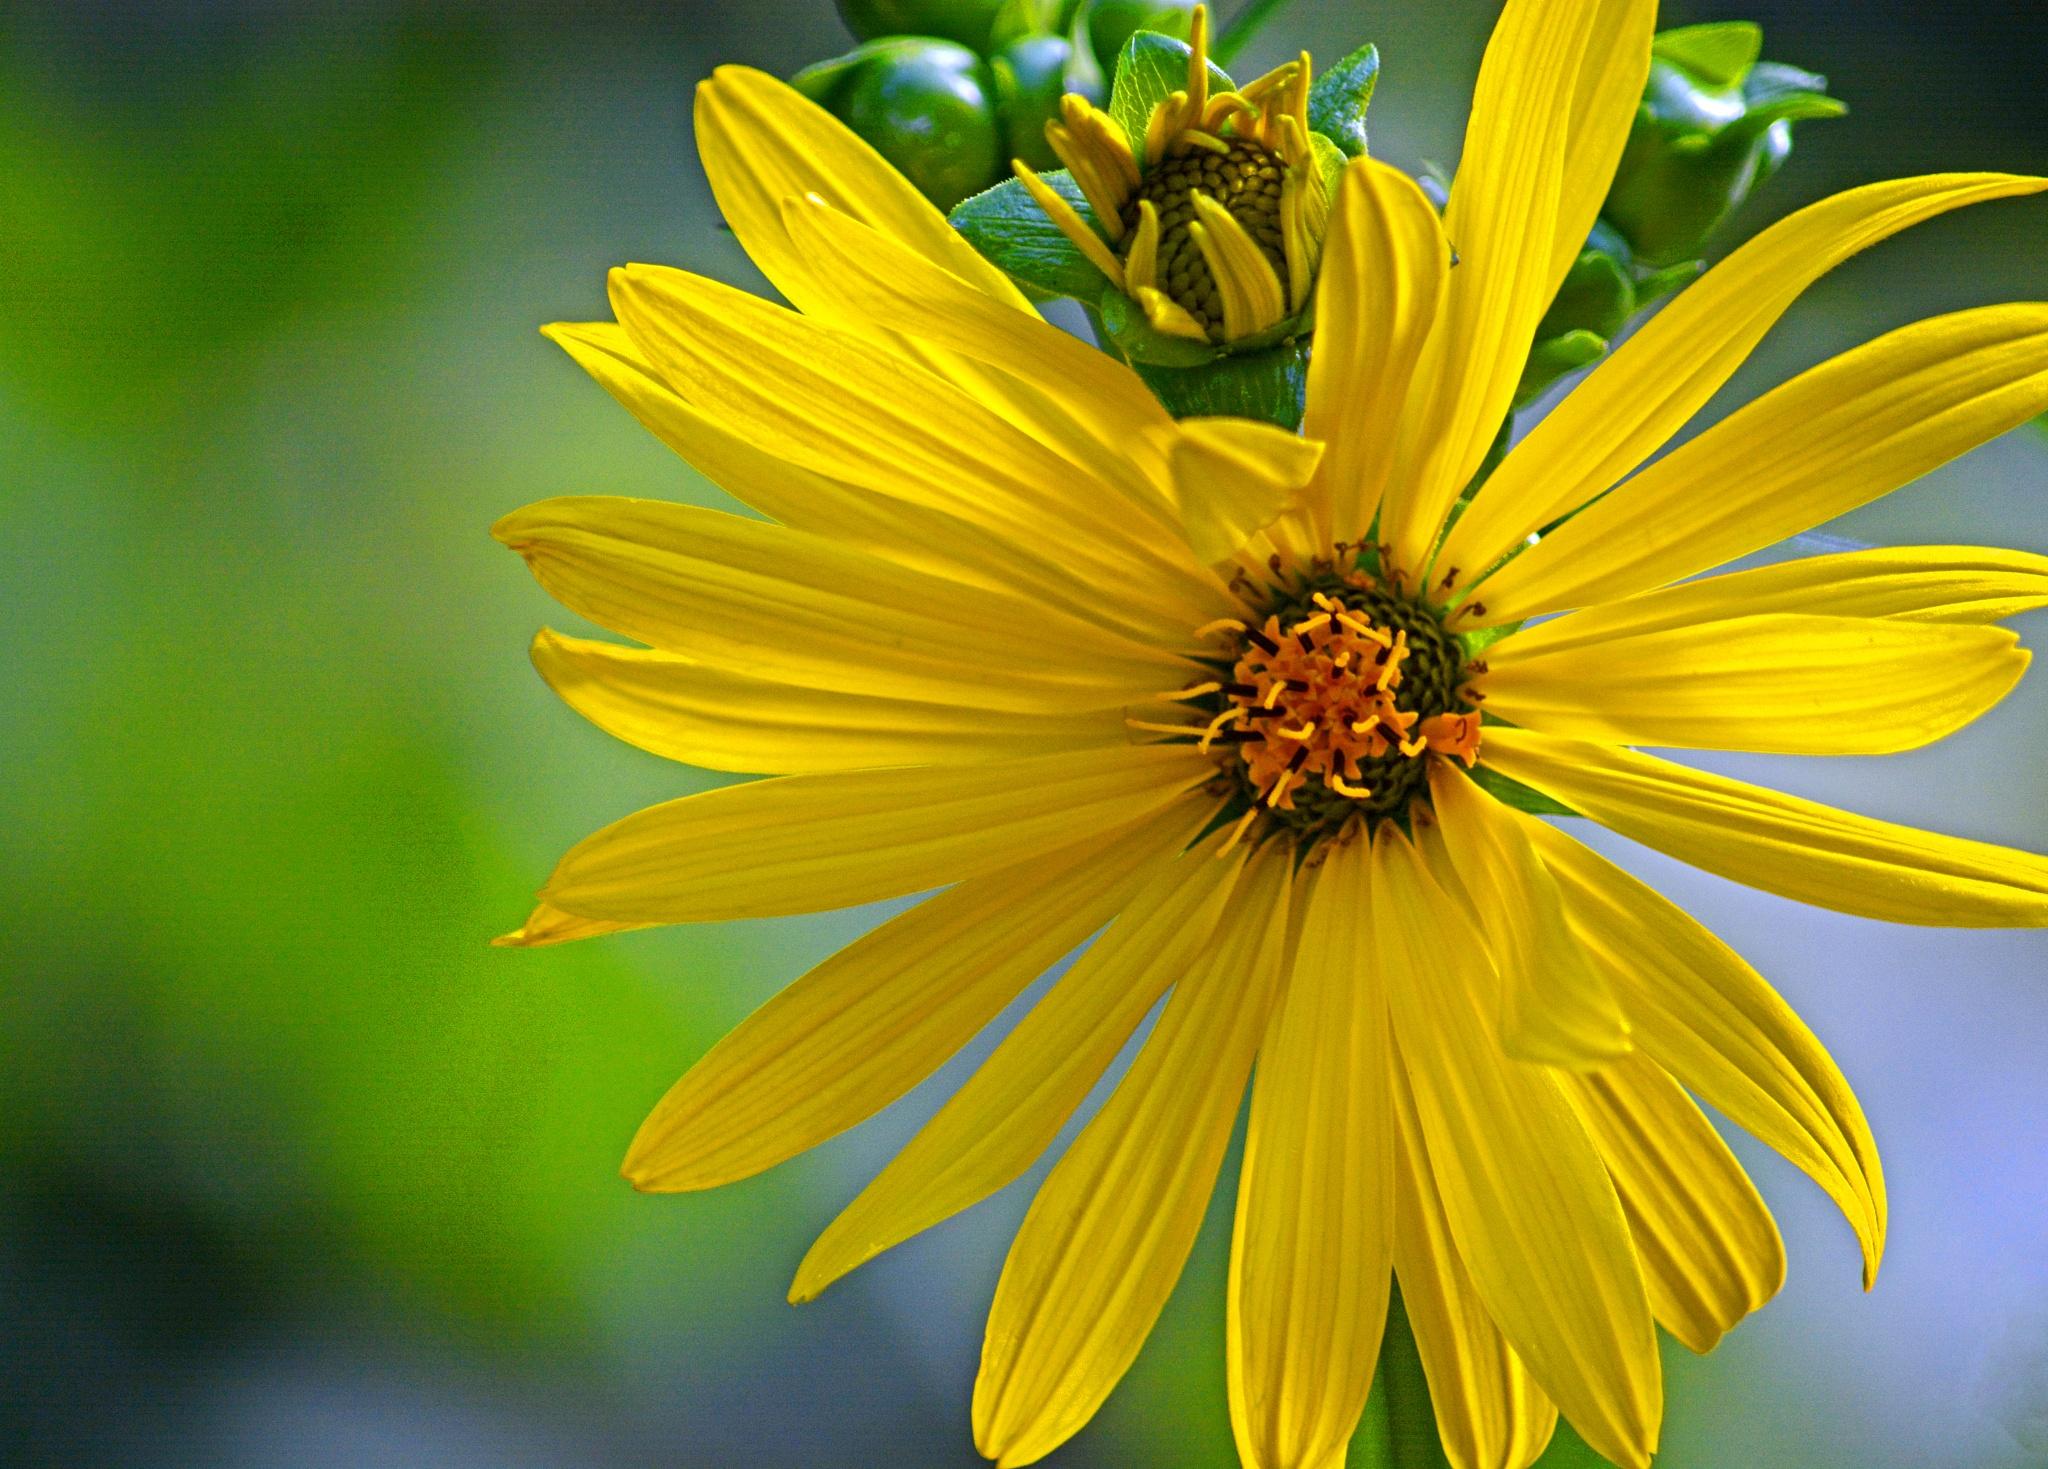 Cup Plant flower - Silphium perfoliatum  by William C. Burton